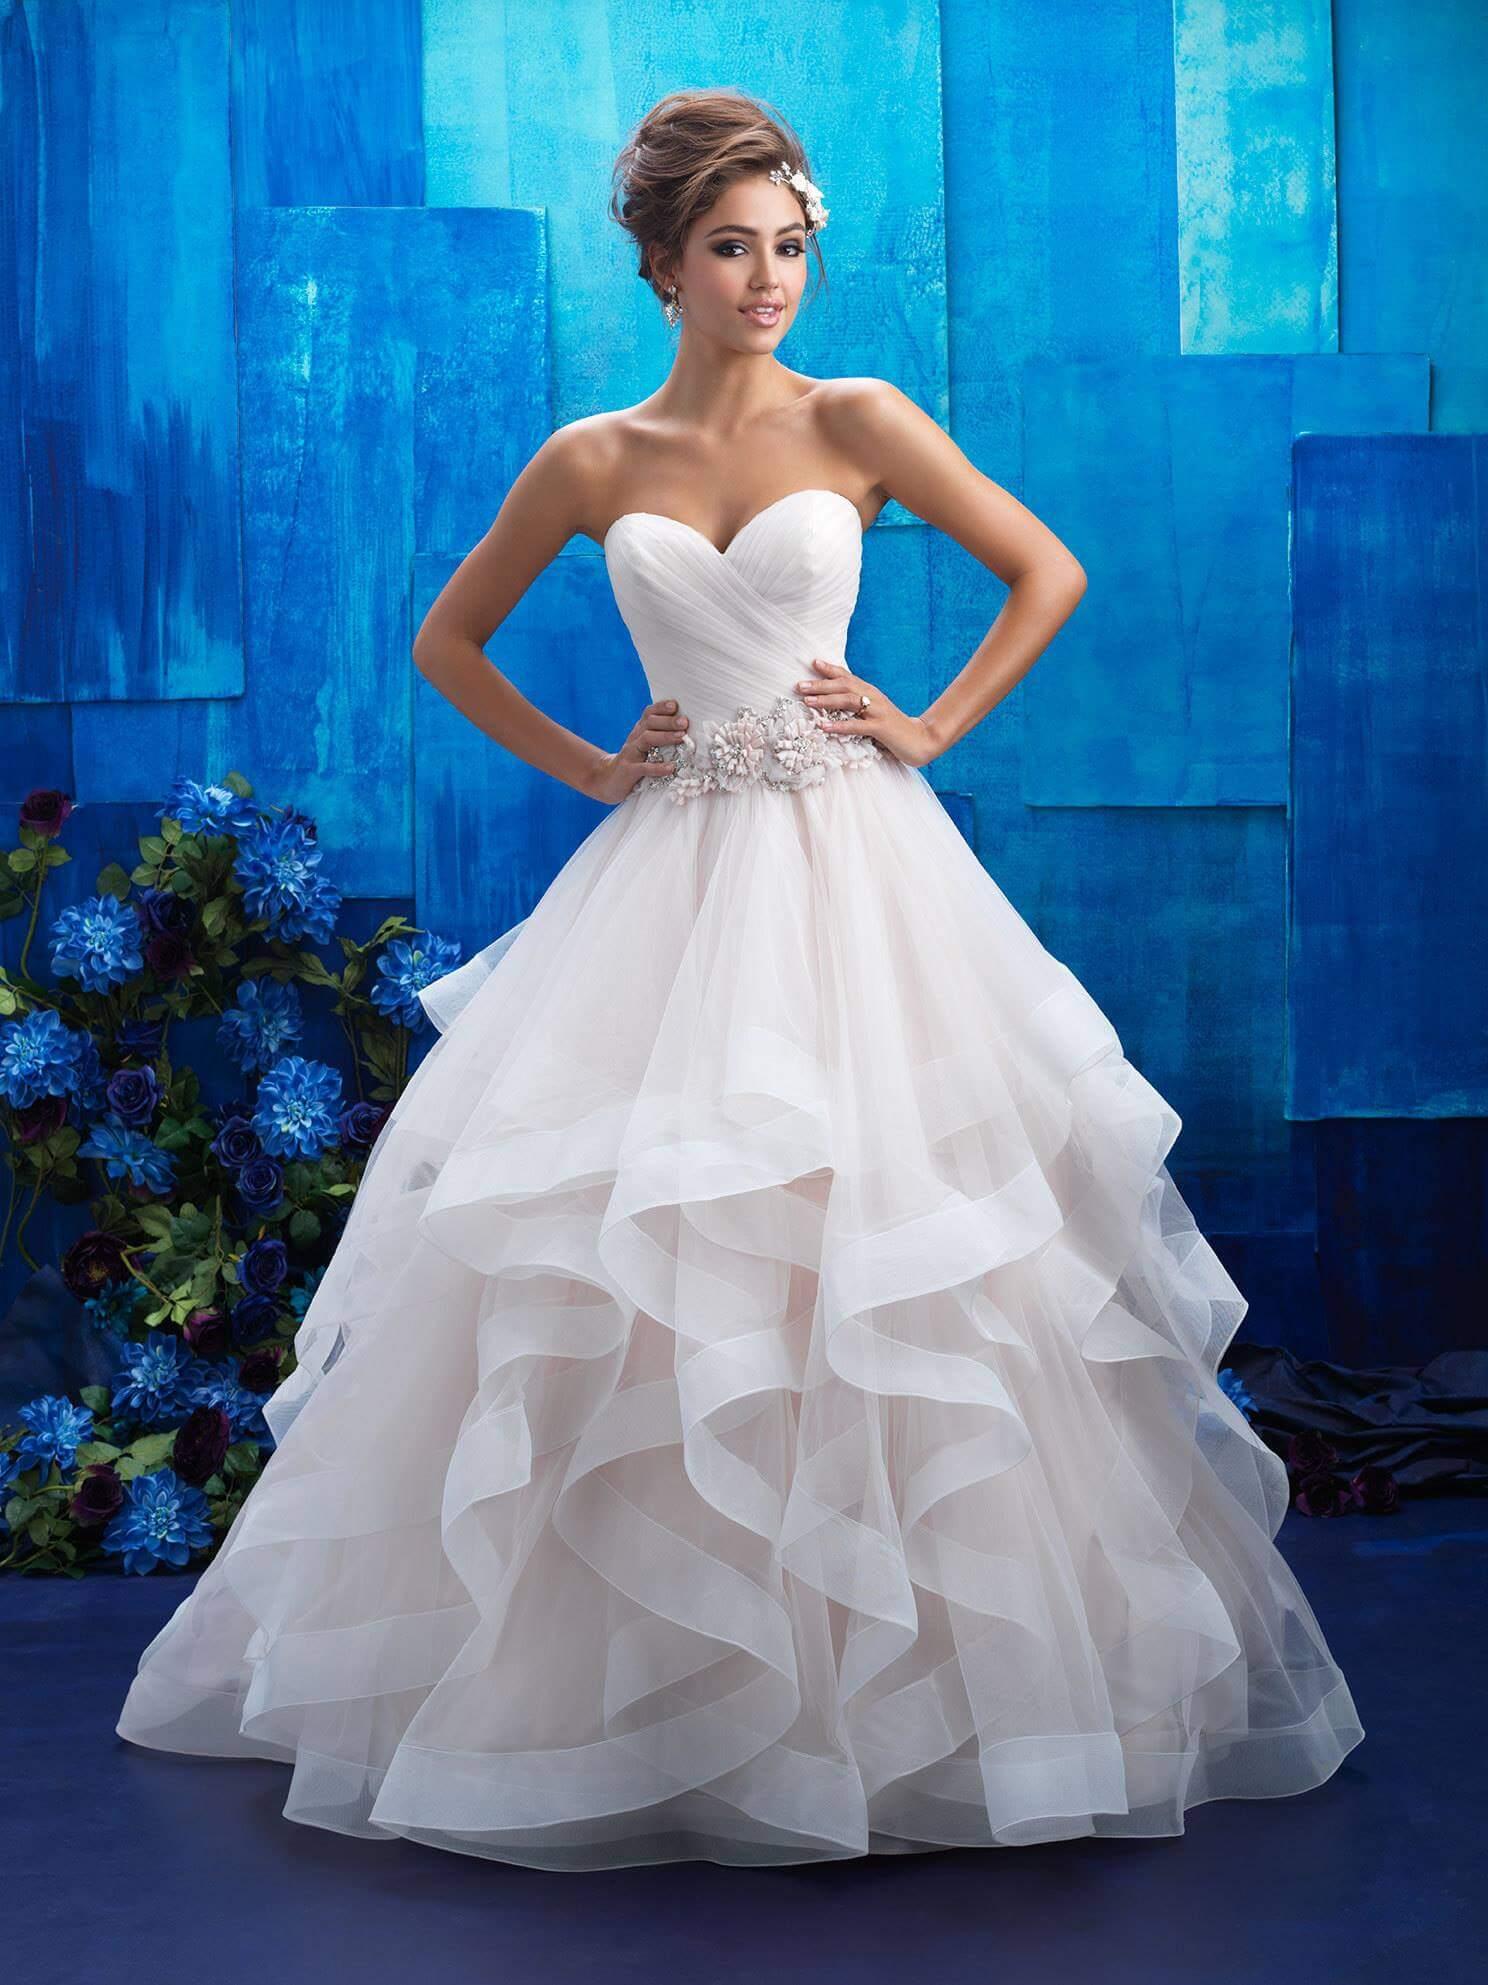 dolga_bogata_porocna_obleka_z_naborki_princess